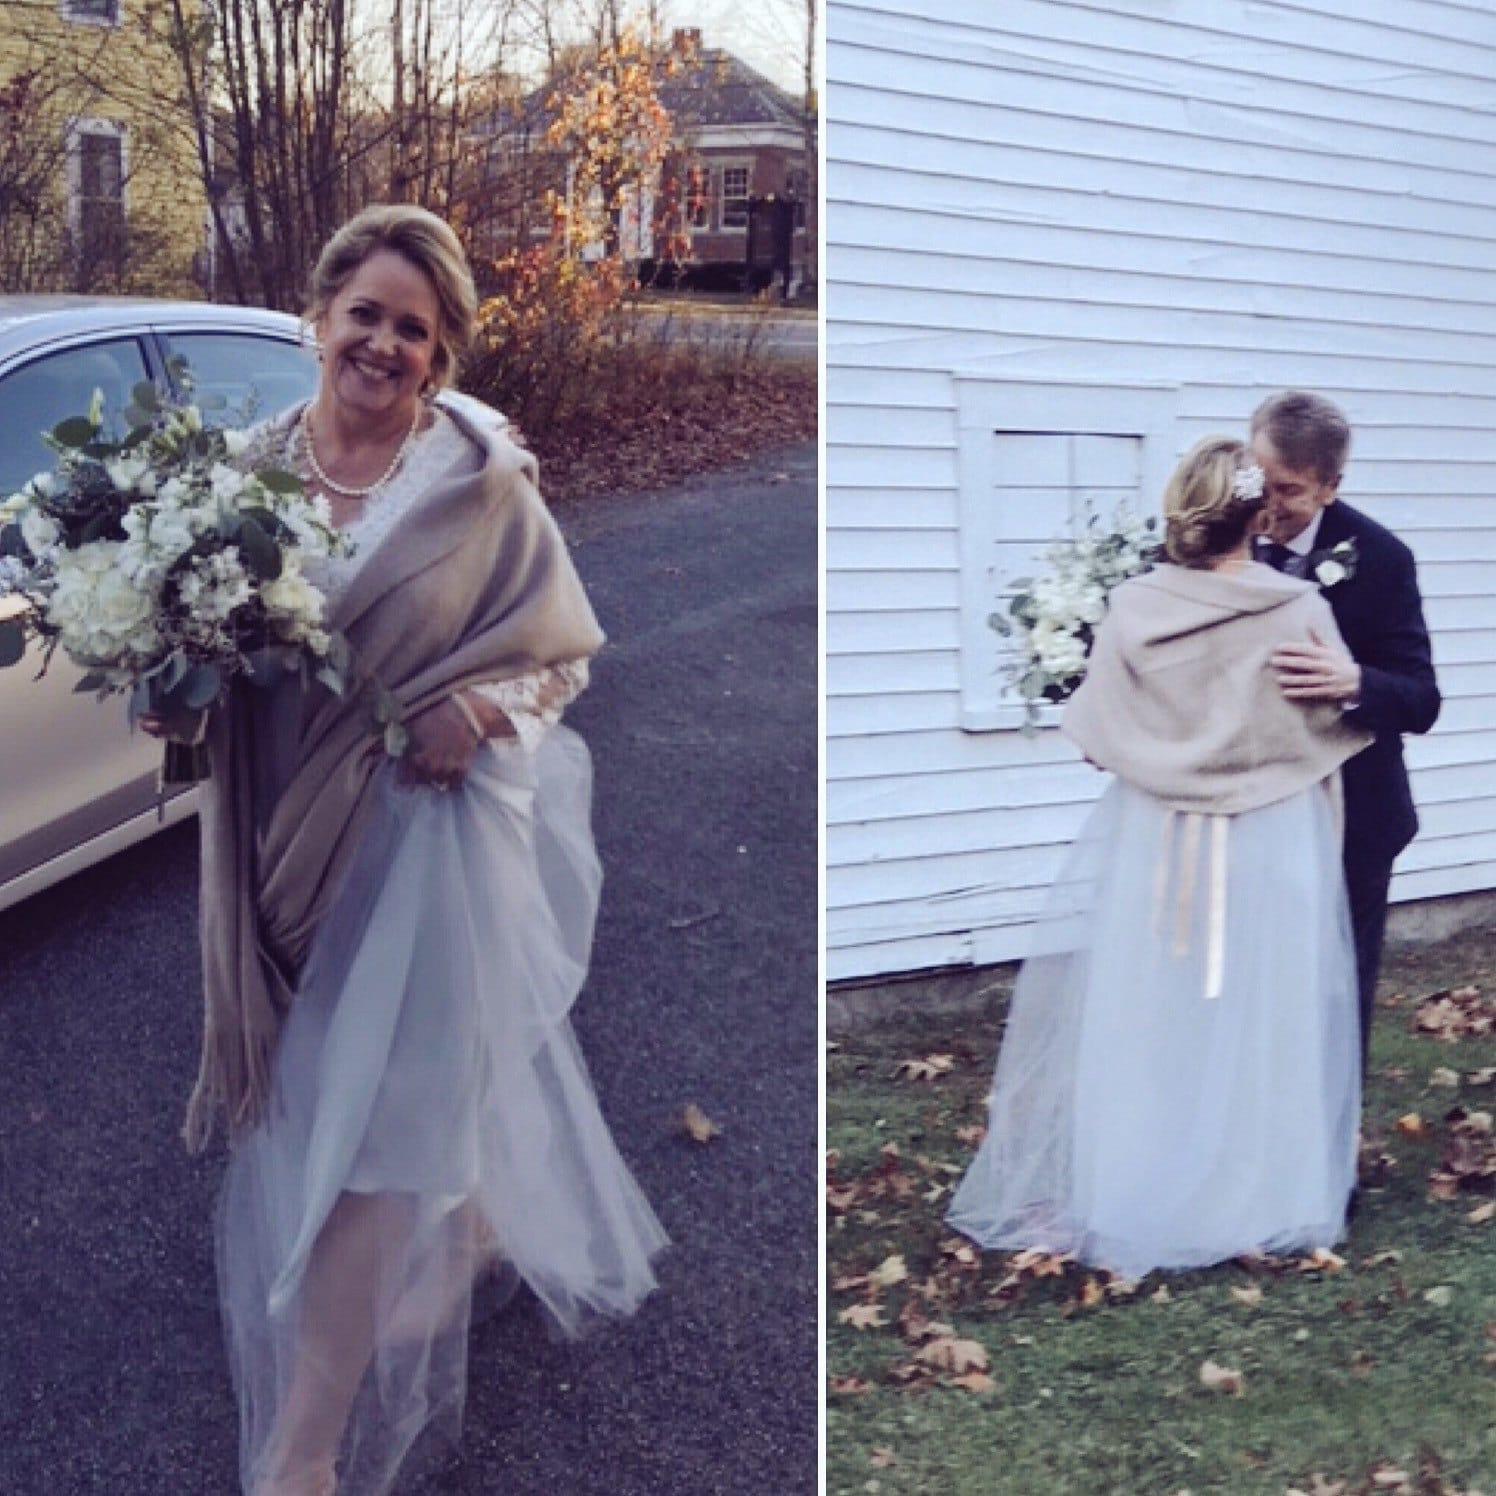 Enchanting Vestido Novia Crepusculo Model - Colorful Wedding Dress ...